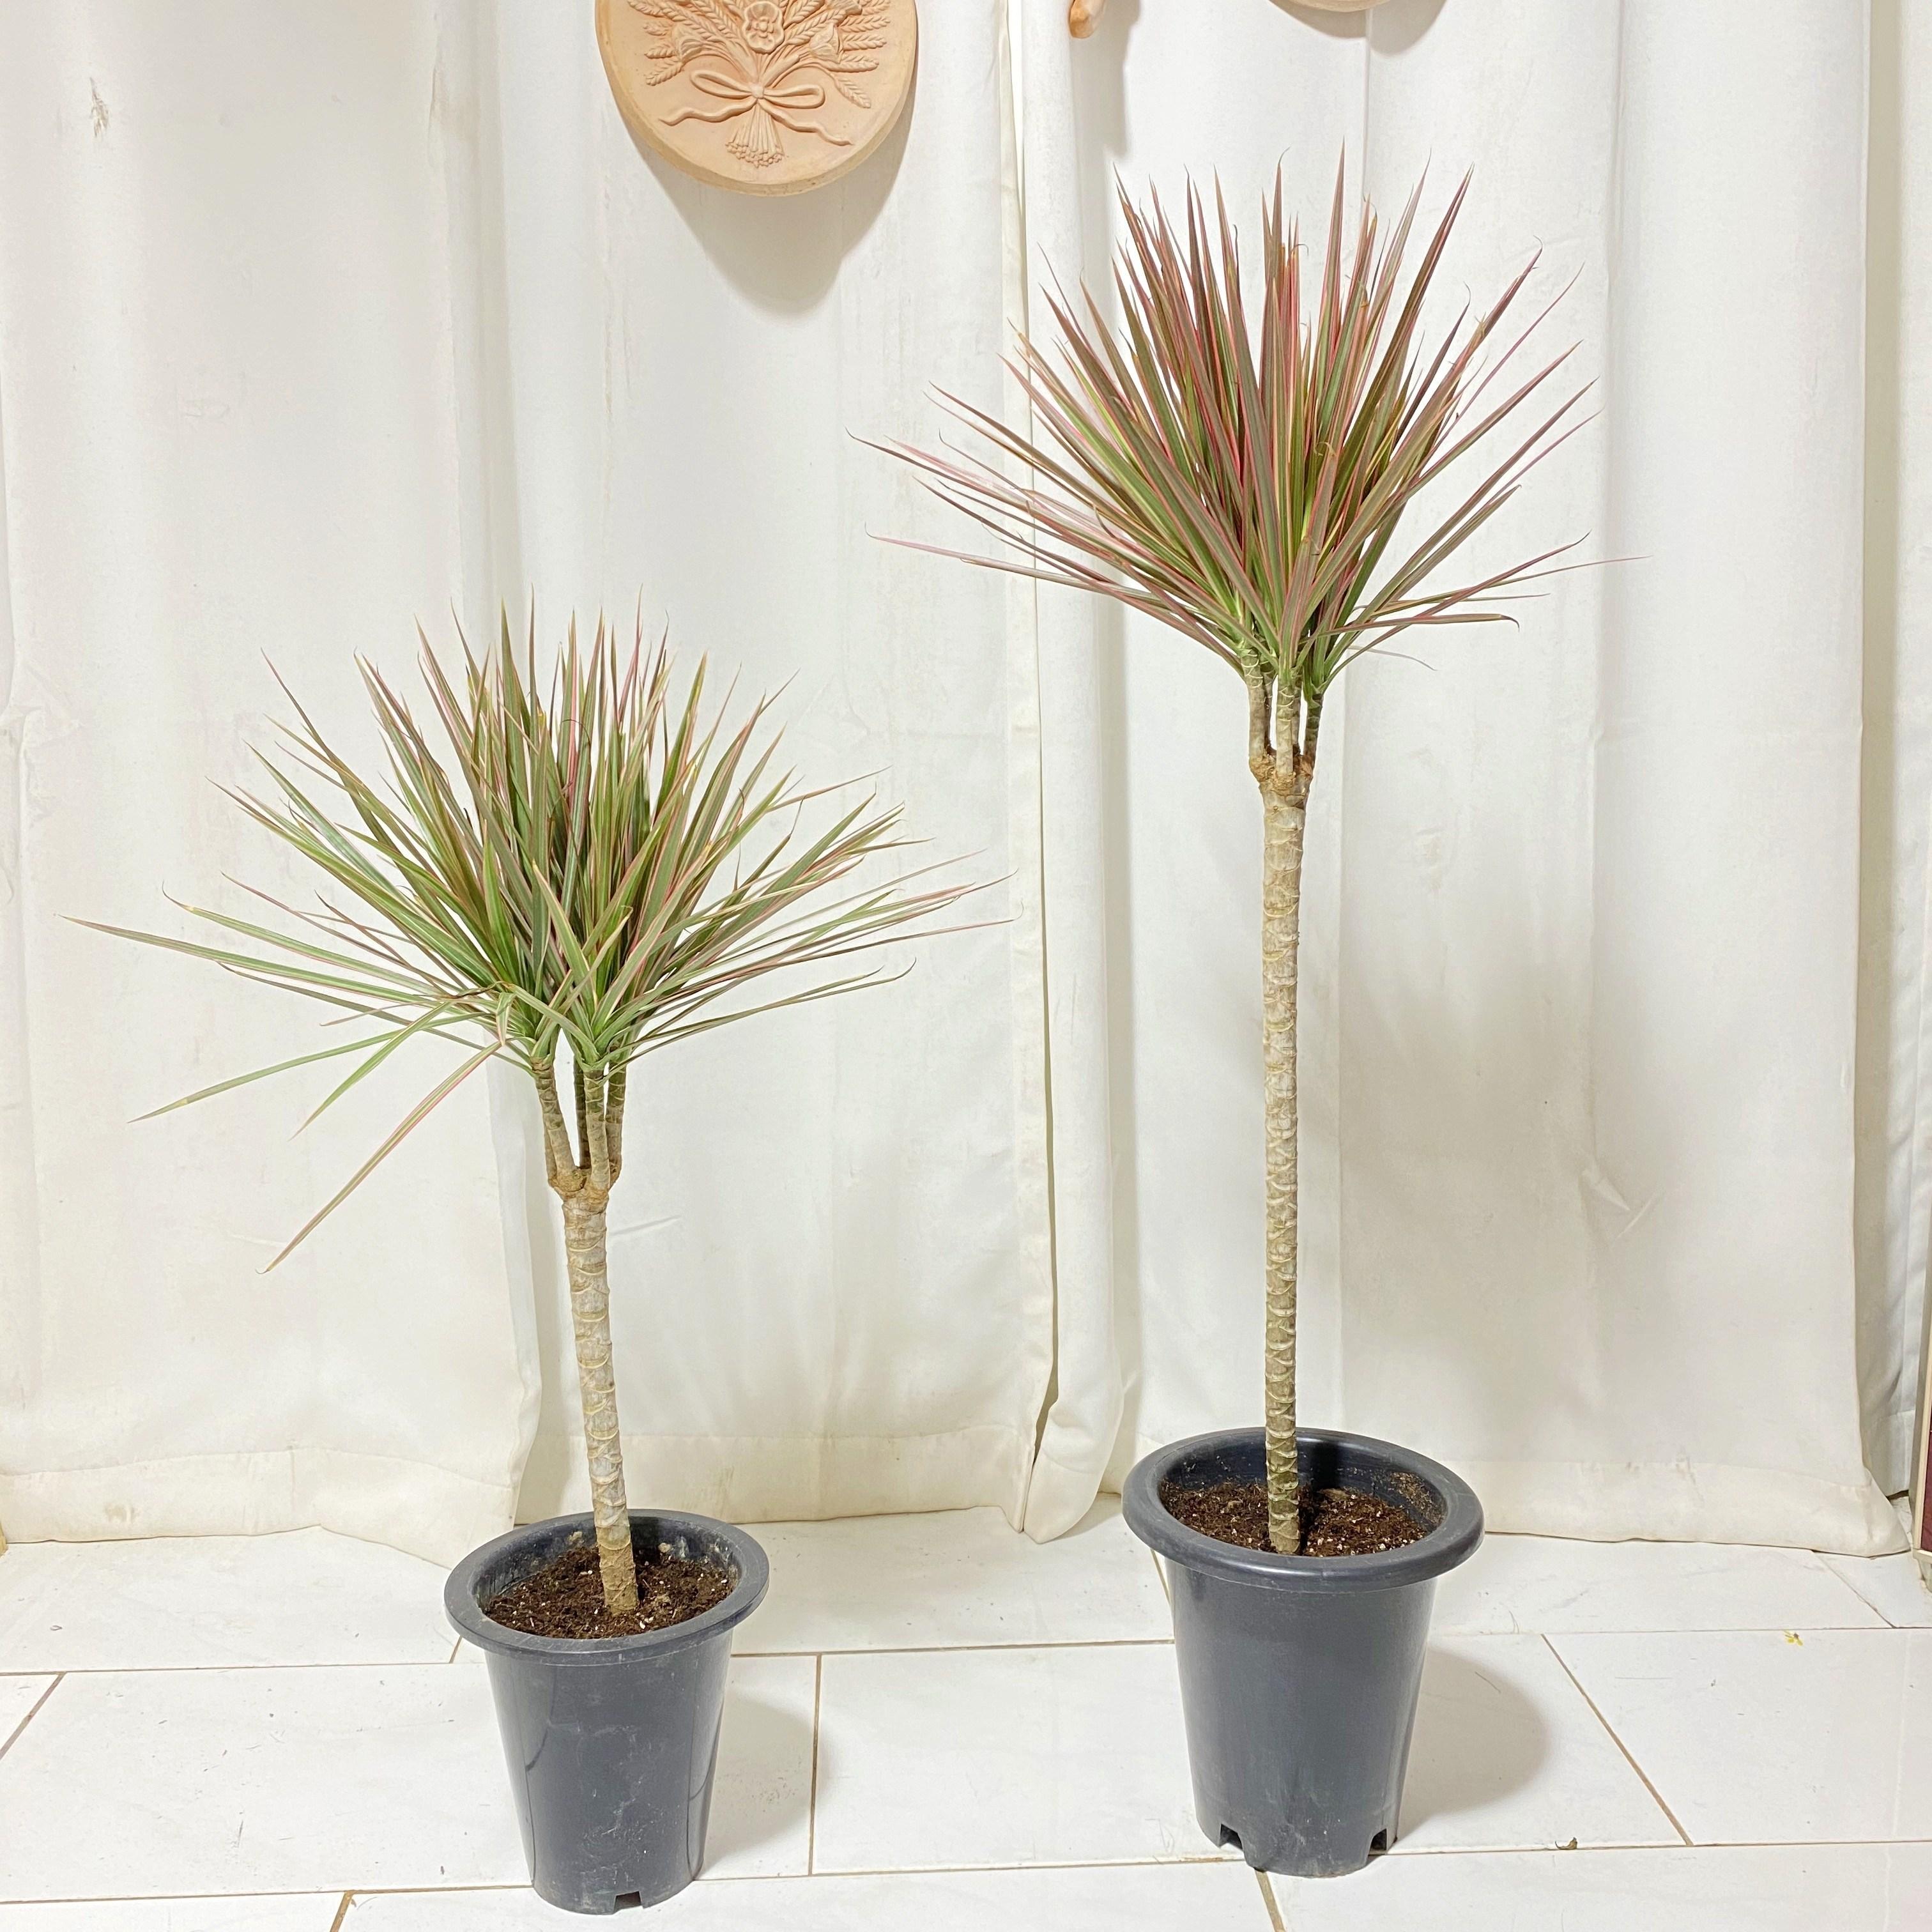 청년농부 초특가 외목 레인보우 마지나타 2가지형 택1 인테리어식물, 소형